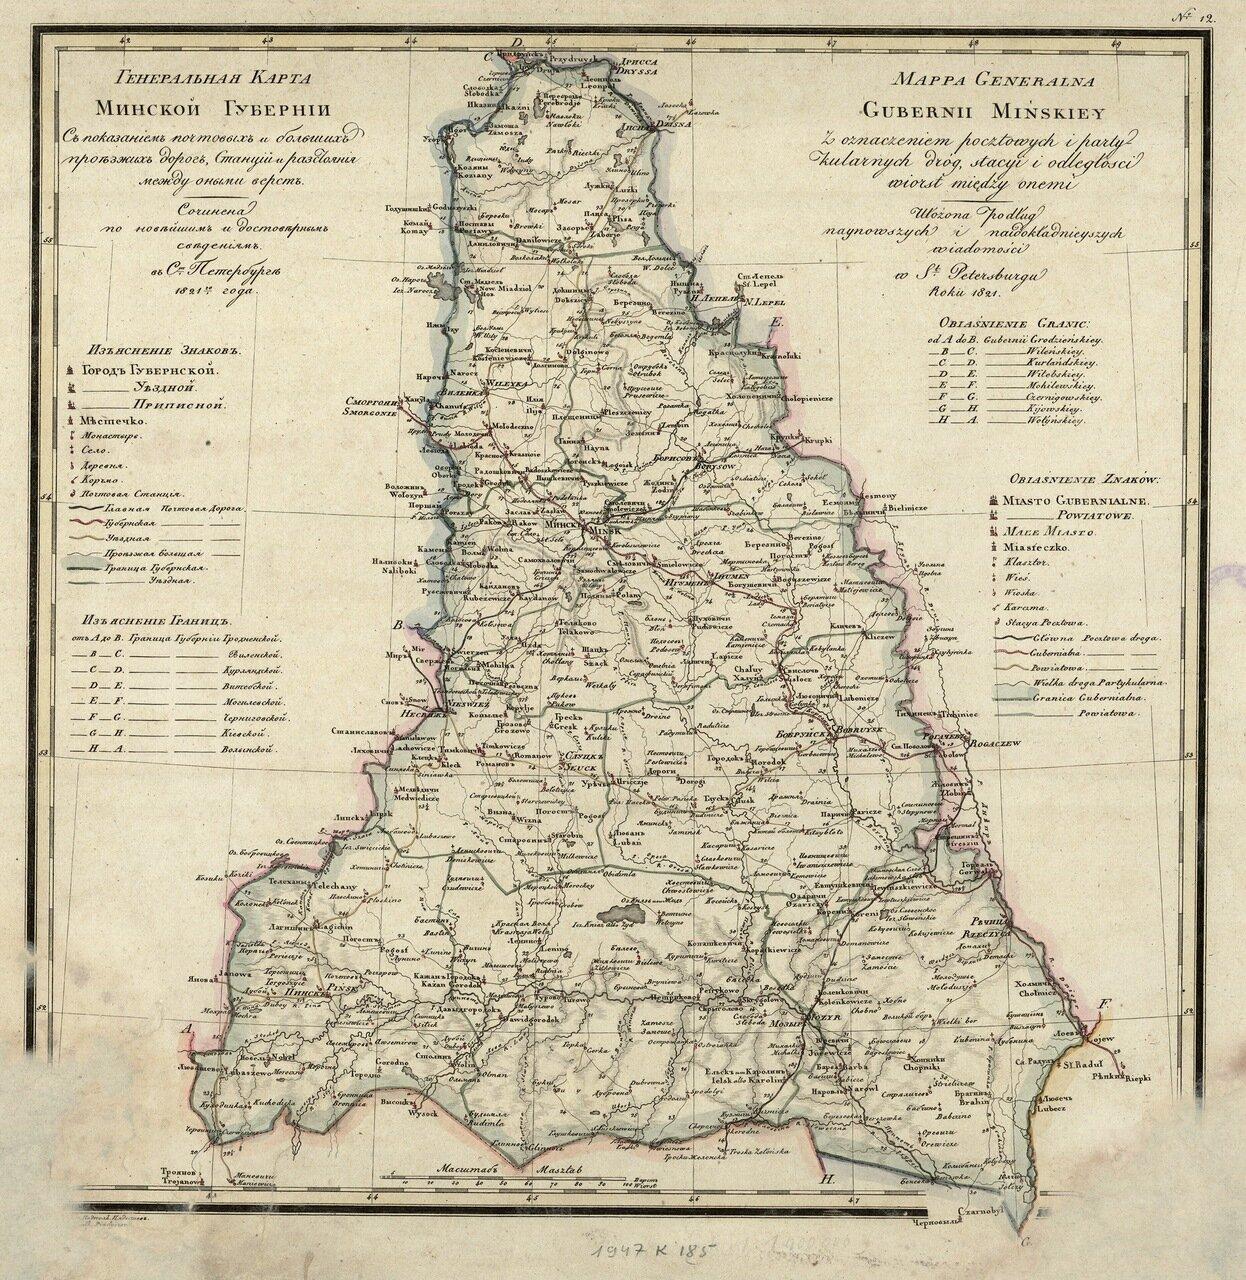 1821. Генеральная карта Минской губернии